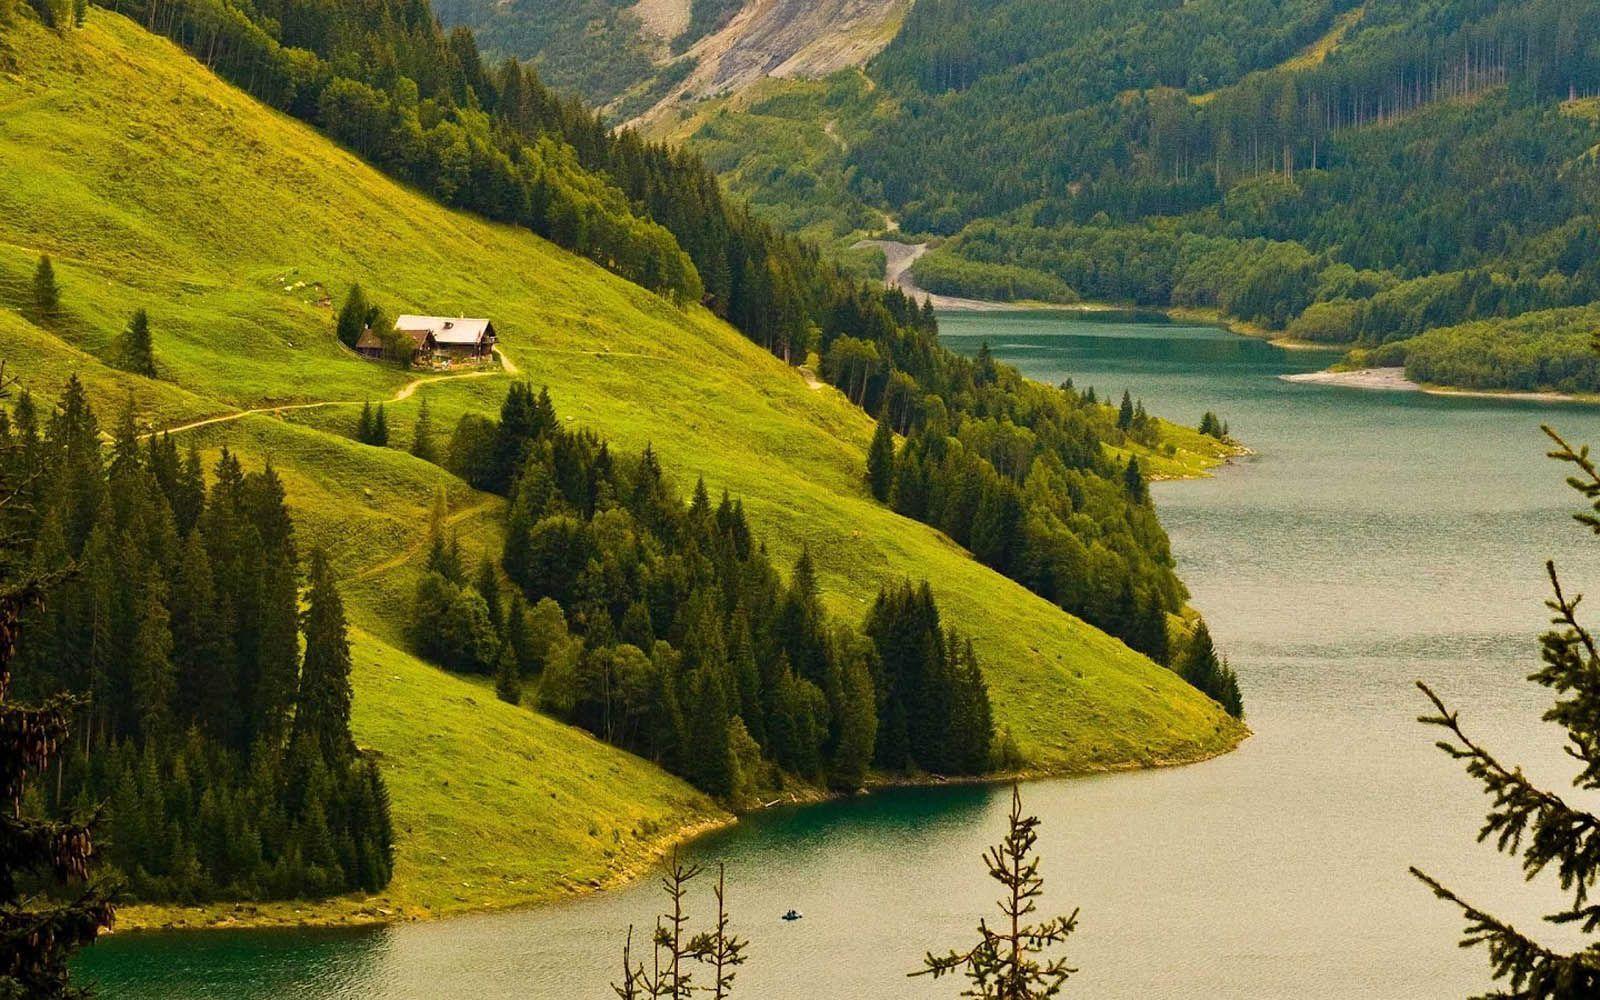 6400 Gambar Keren Pemandangan Alam Gratis Terbaik